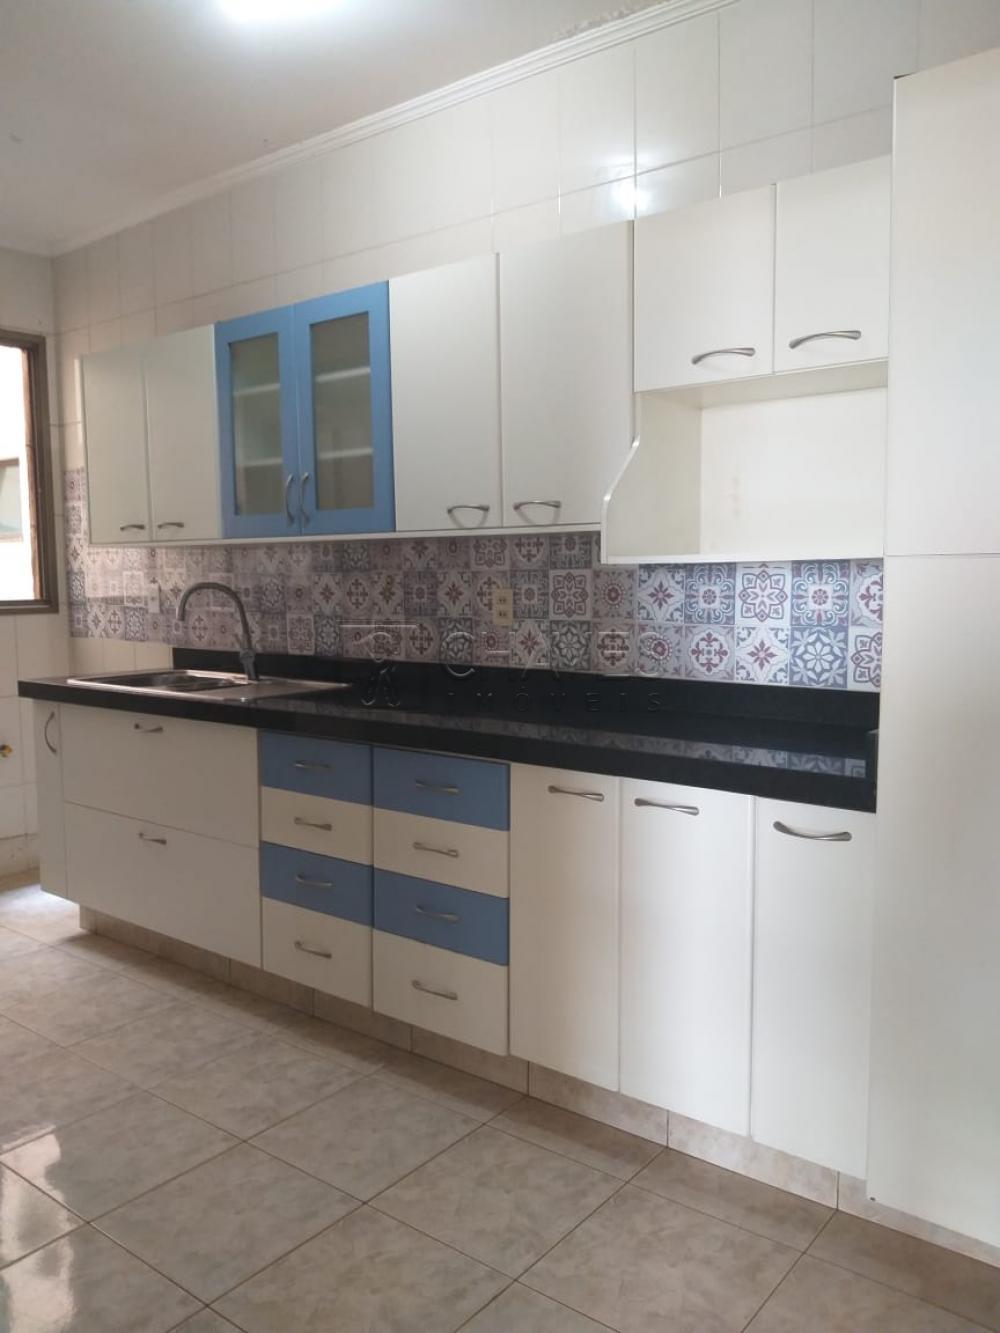 Comprar Apartamento / Padrão em Ribeirão Preto apenas R$ 480.000,00 - Foto 8